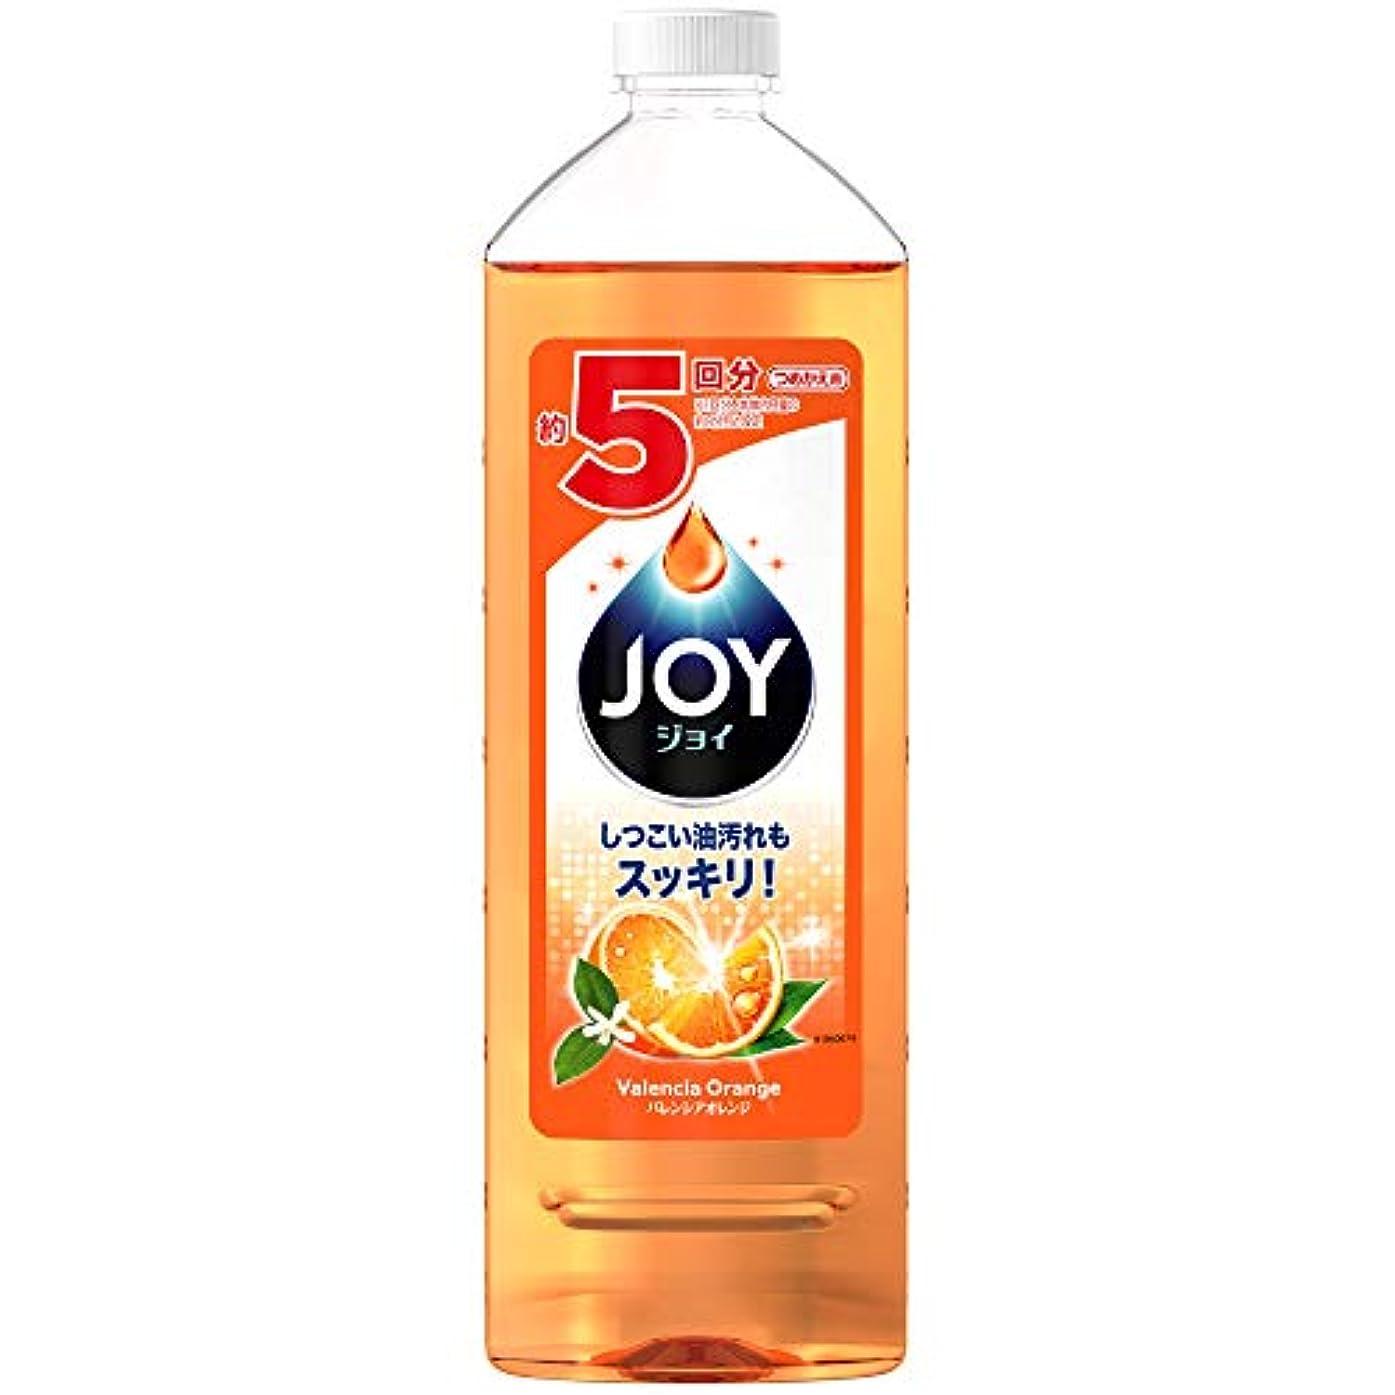 の中で前オデュッセウスジョイコンパクト 食器用洗剤 バレンシアオレンジの香り 詰め替え 特大 770mL